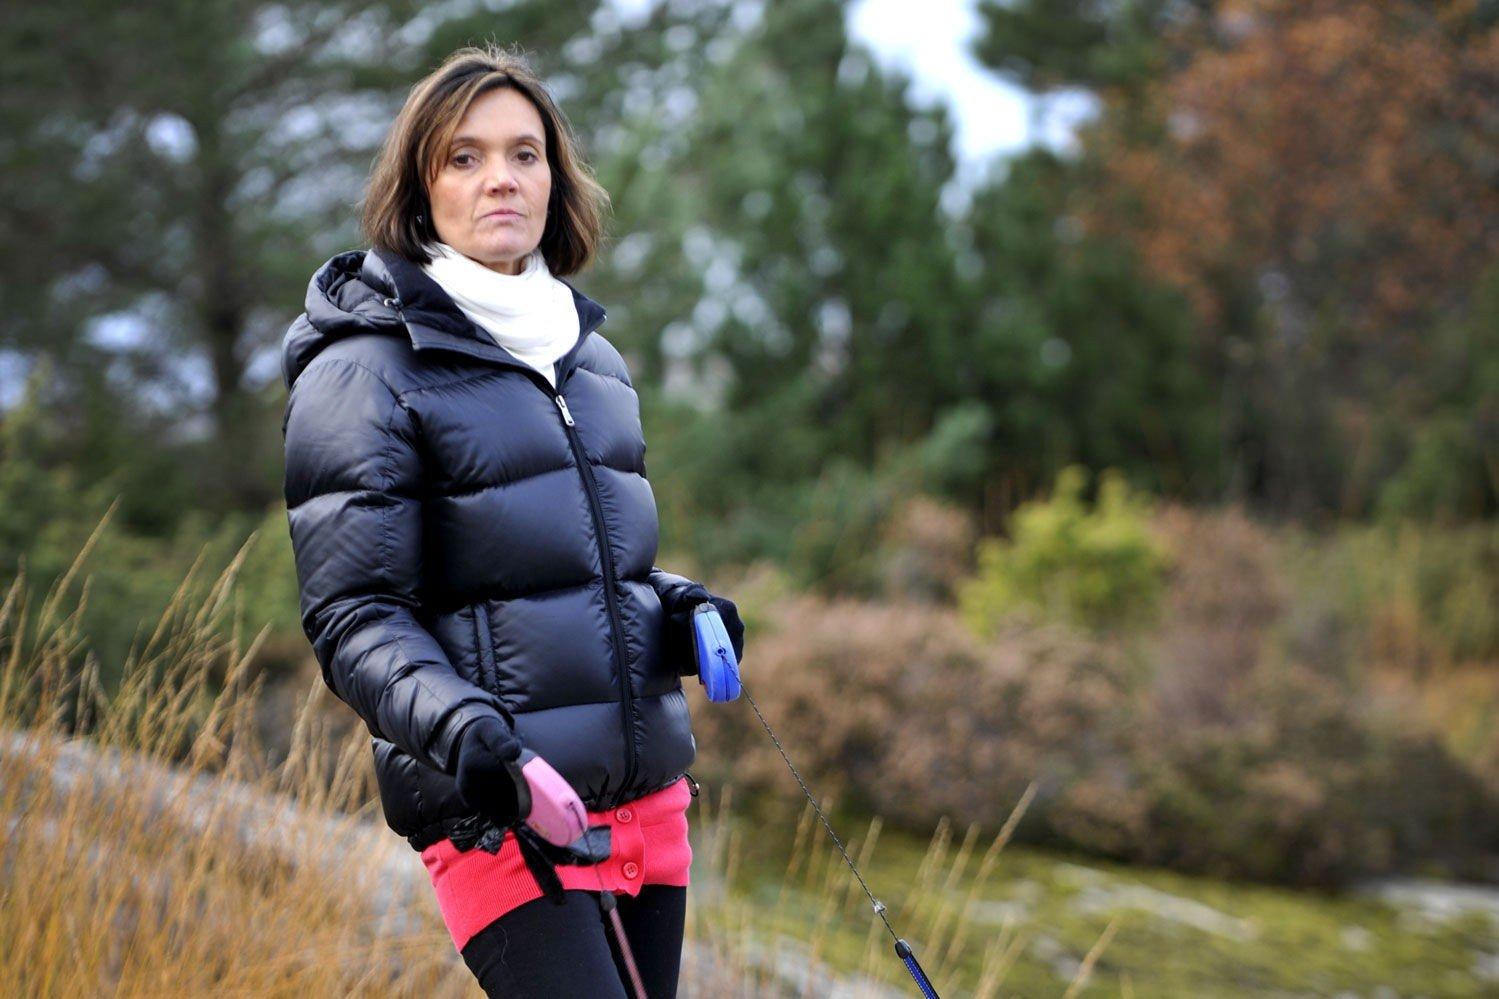 Stien der det skjedde er forsvunnet mellom næringsbygg i Godvik når Anne Svanevik går på tur med hundene sine. Men hun vil aldri glemme synet av Erik Andersen som blotter seg for småjenter.